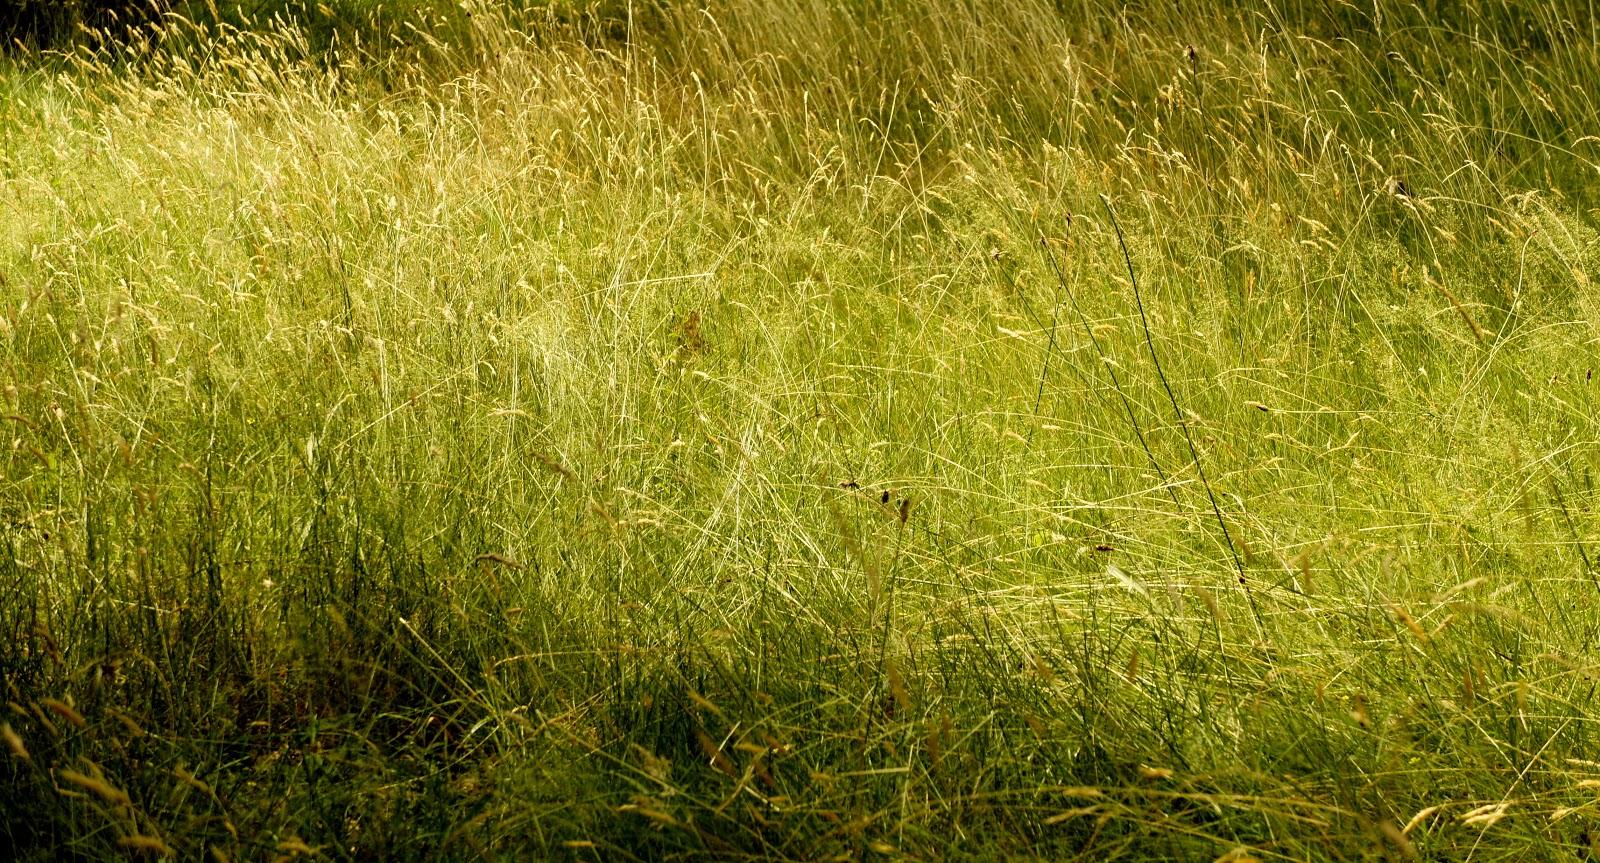 Zed l 39 pine zed l 39 pine a d 39 la peine snif - Herbe a chat seche ...